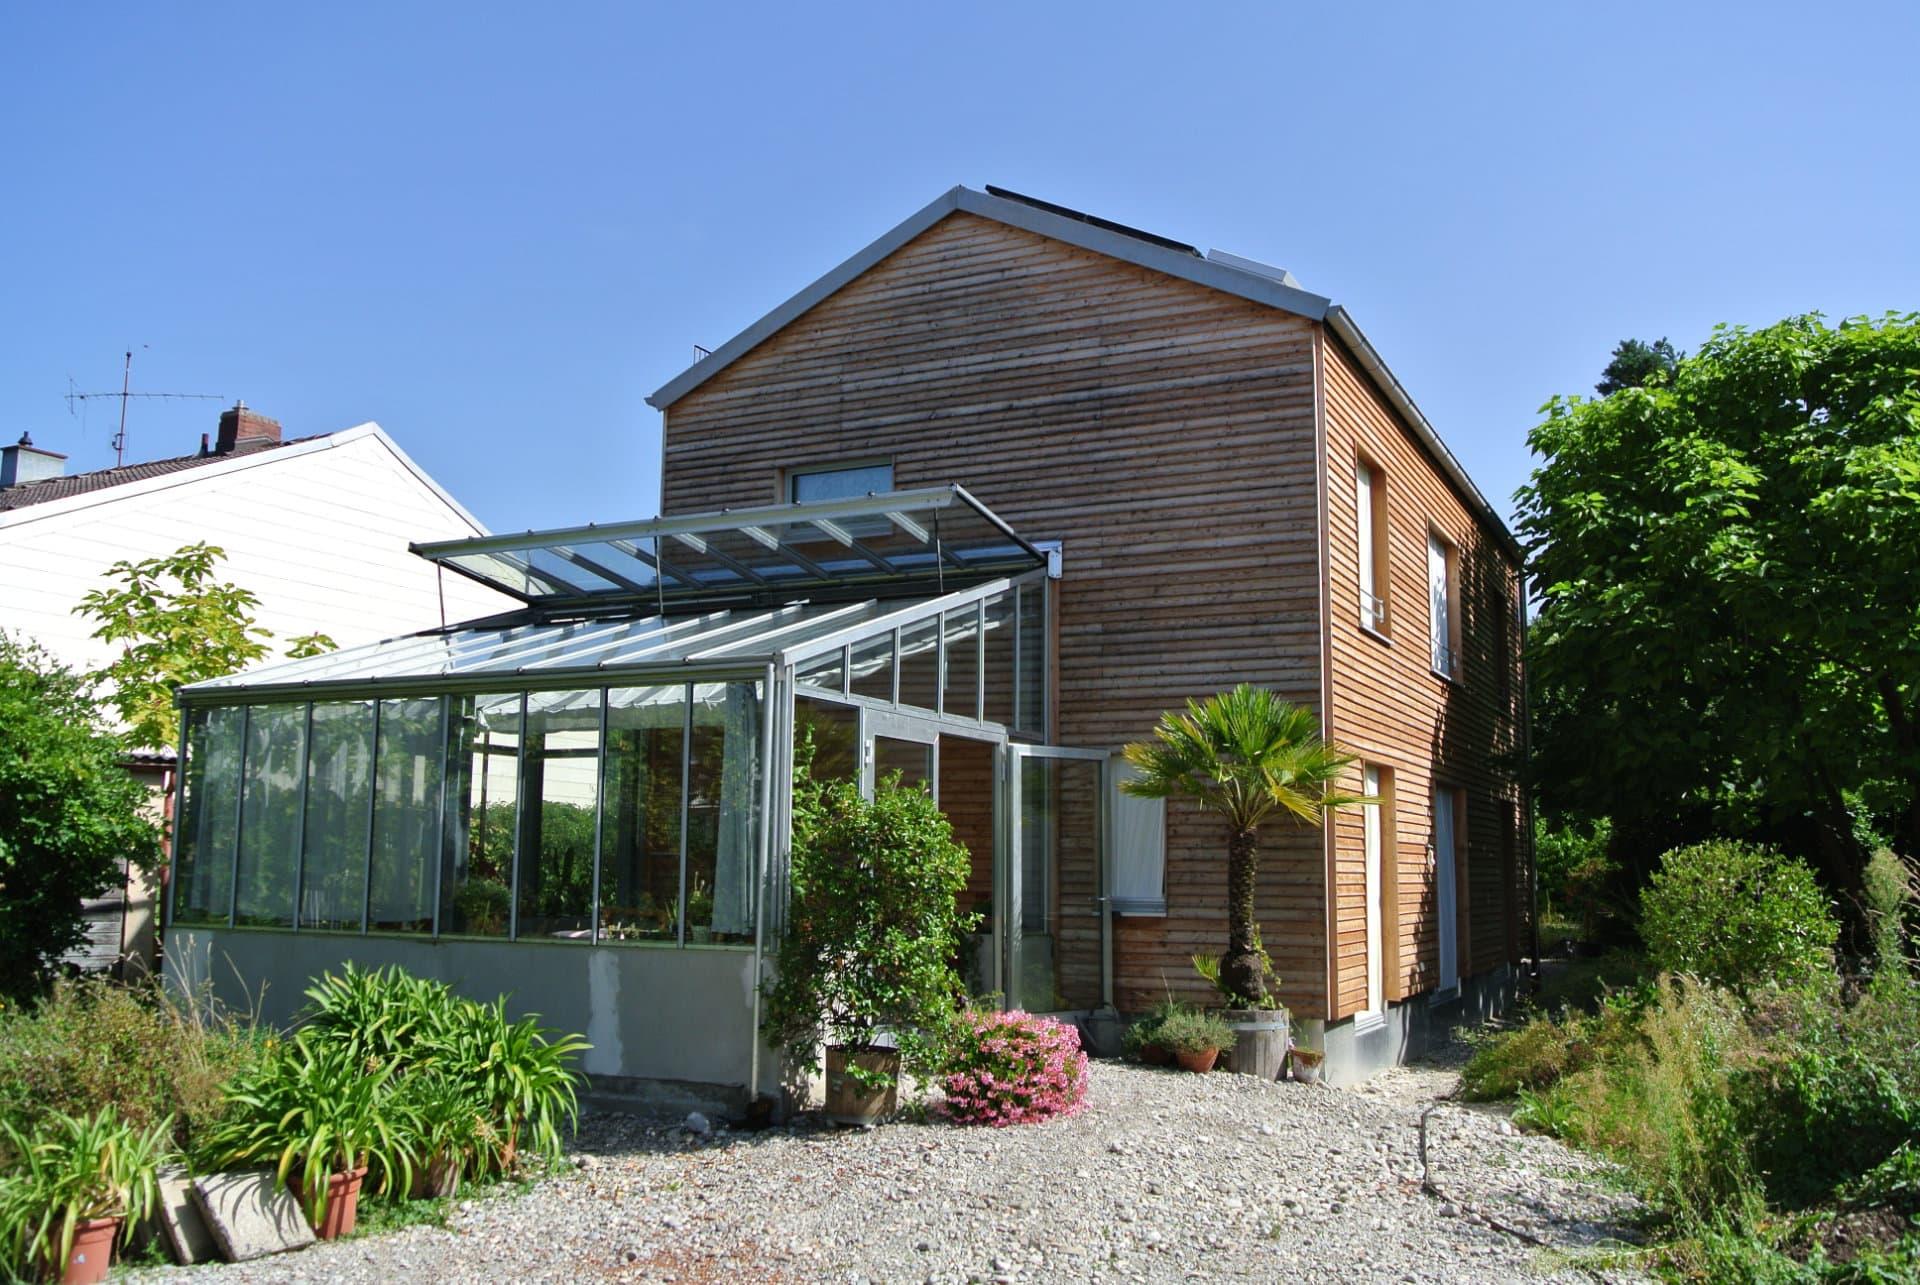 Wintergarten des EFH NEST AU in München im Passivhausstandard (energetische Sanierung).